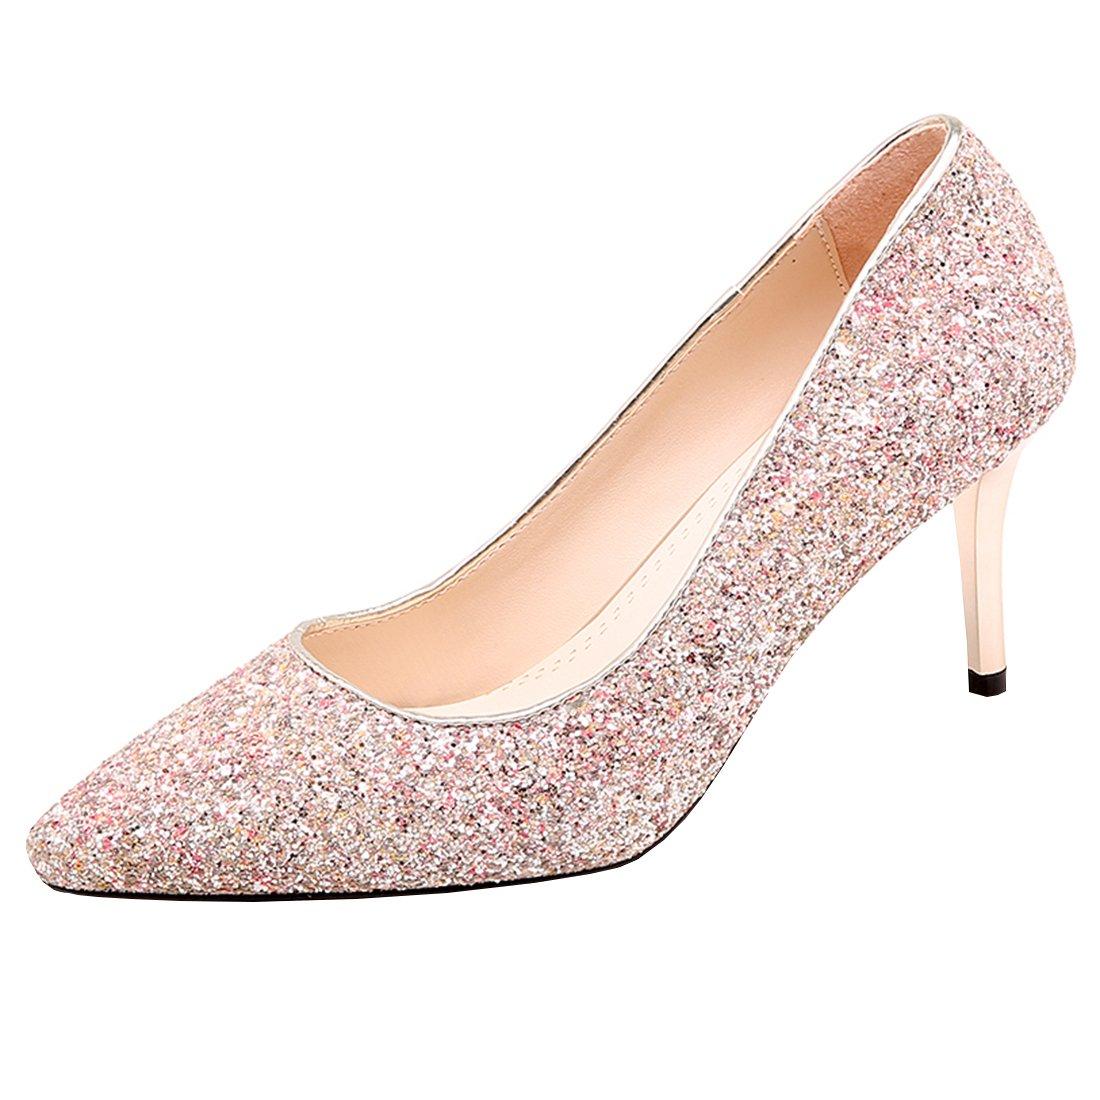 9cc5a76f0d05cf Artfaerie Damen High Heels Glitzer Slip on Pumps mit Spitze und Stiletto  Hochzeit Braut Elegante Schuhe  Amazon.de  Schuhe   Handtaschen